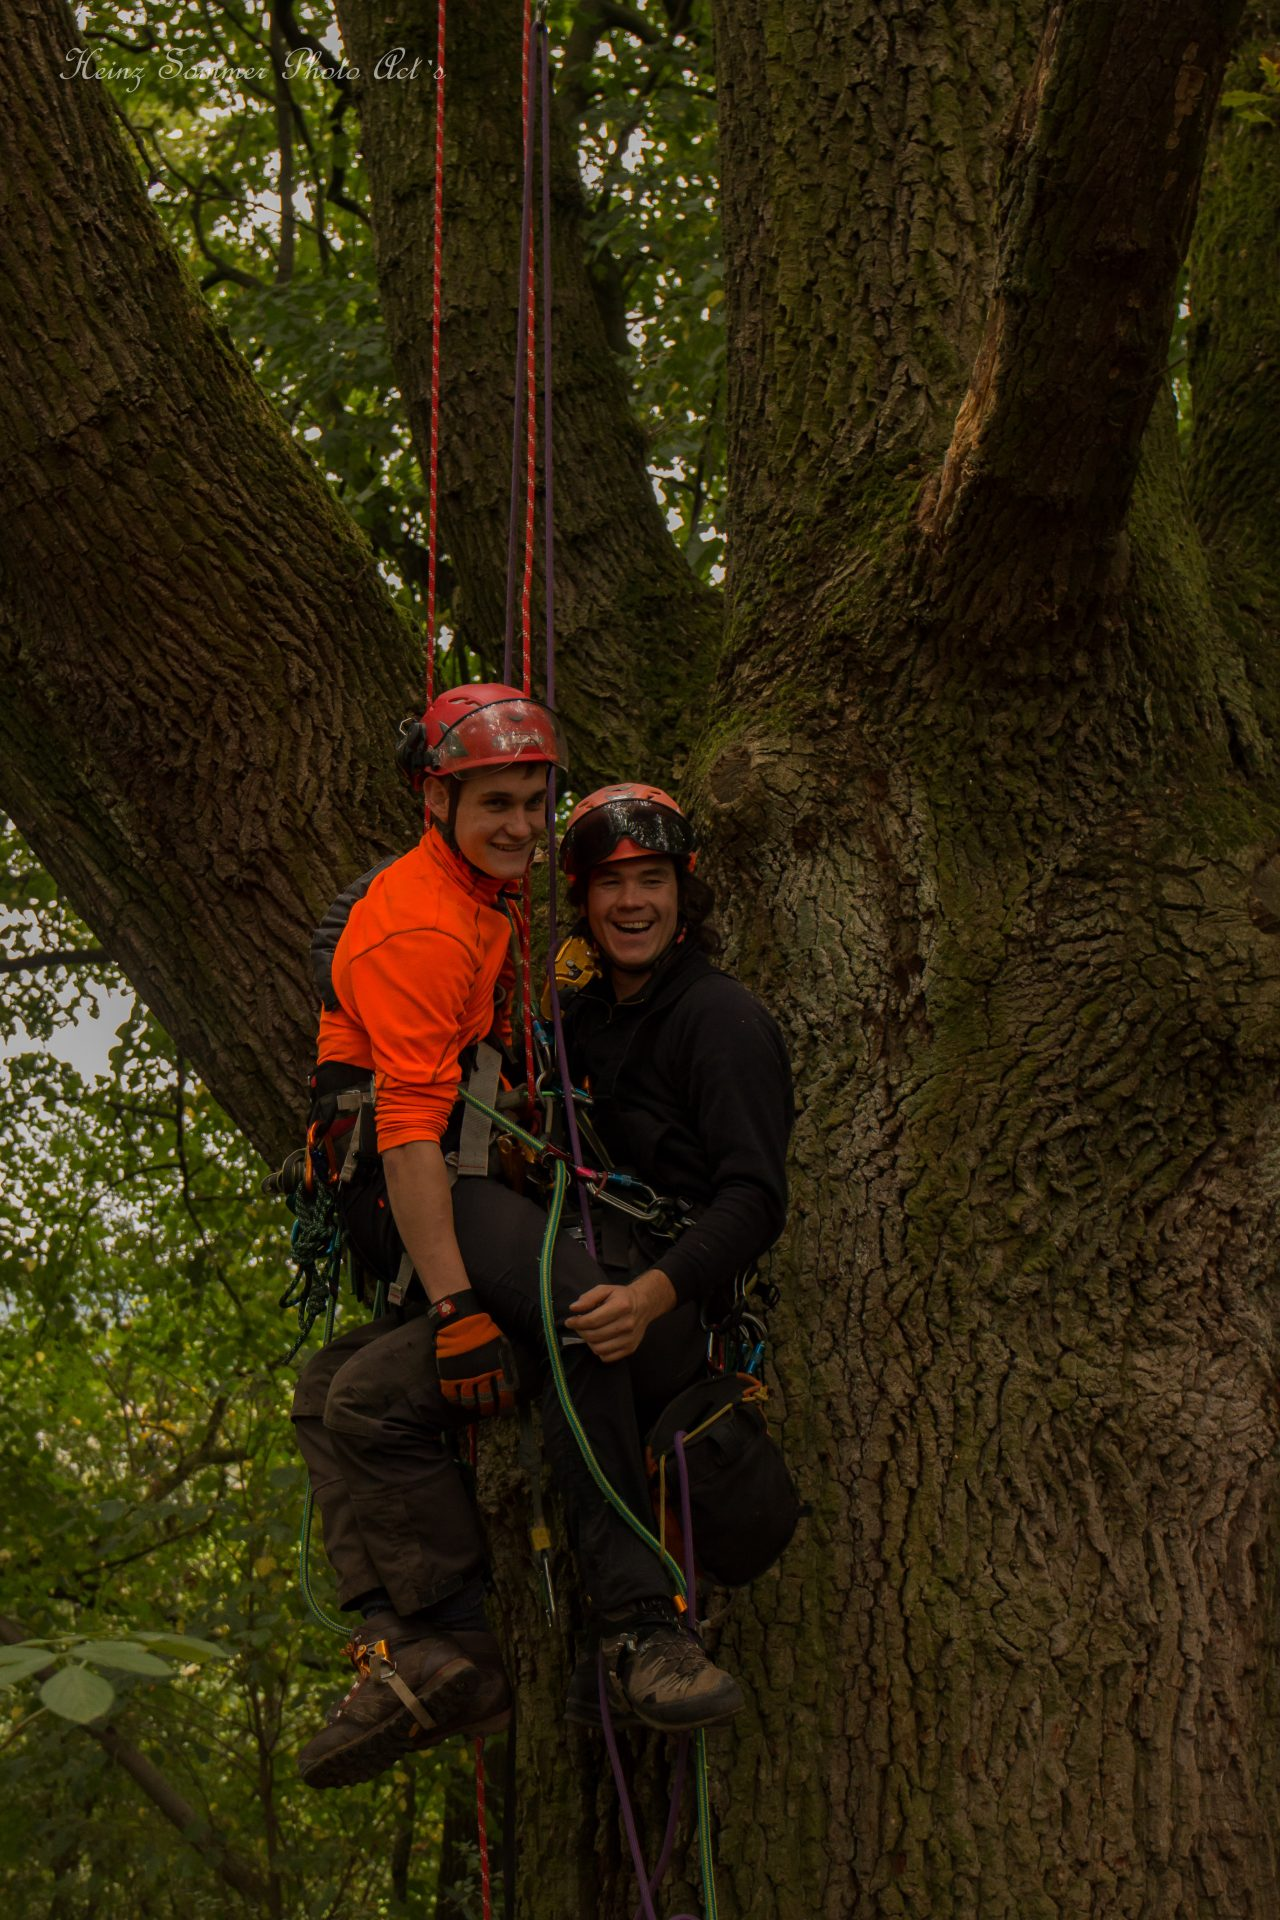 Rettung aus dem Aufstiegsseil beim Baumkletterwochenende mit Rettungsübung - Busch